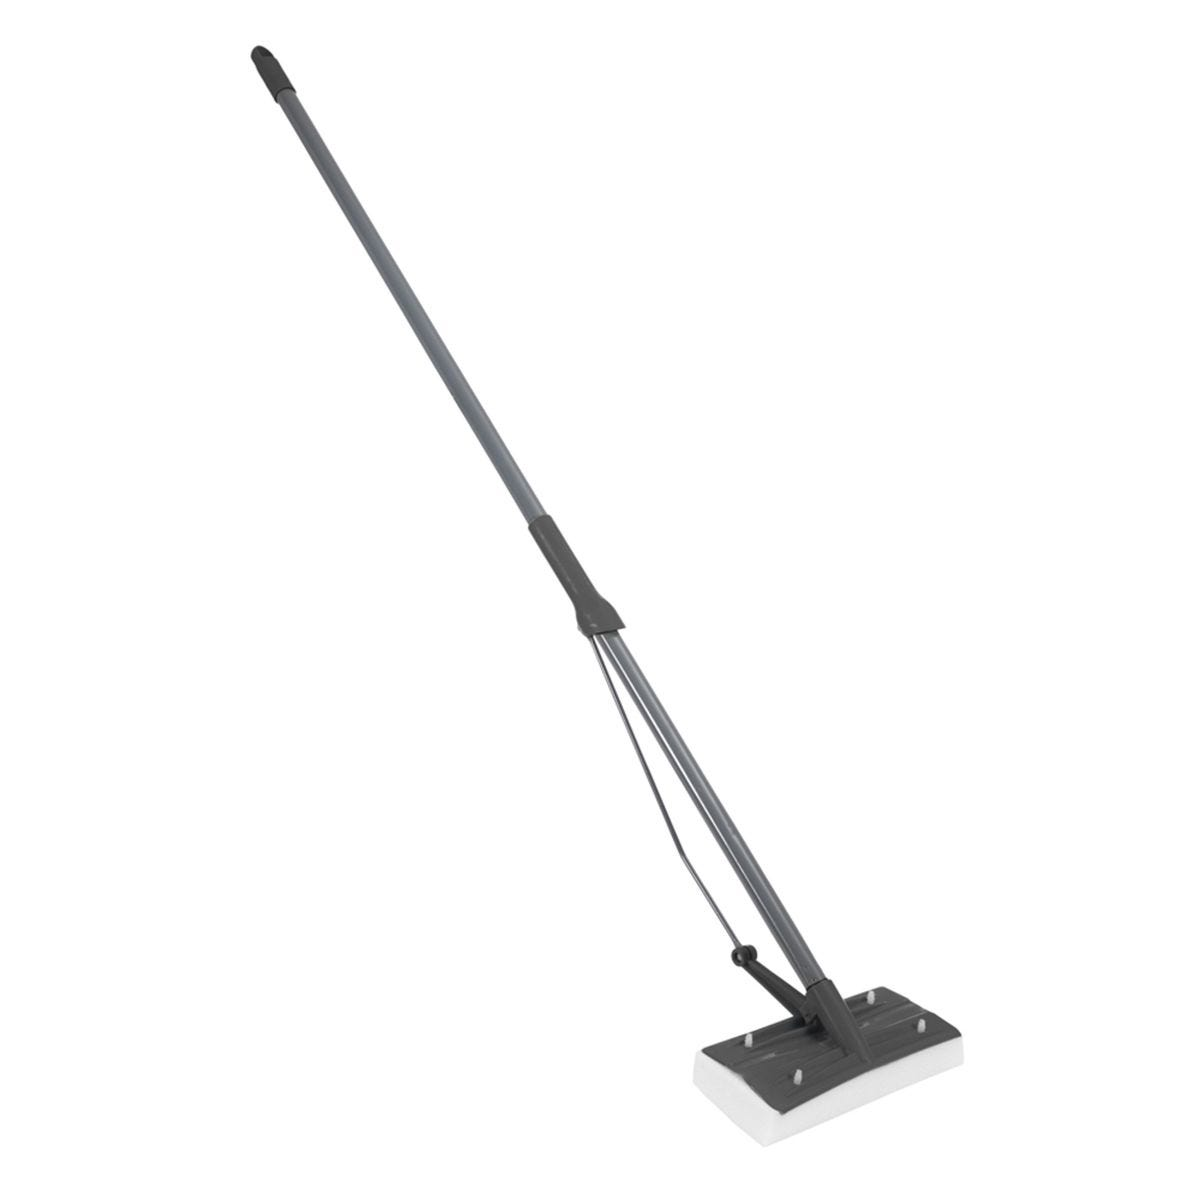 JVL Super-Absorbent Flat Sponge Squeegee Floor Mop Grey/Turquoise